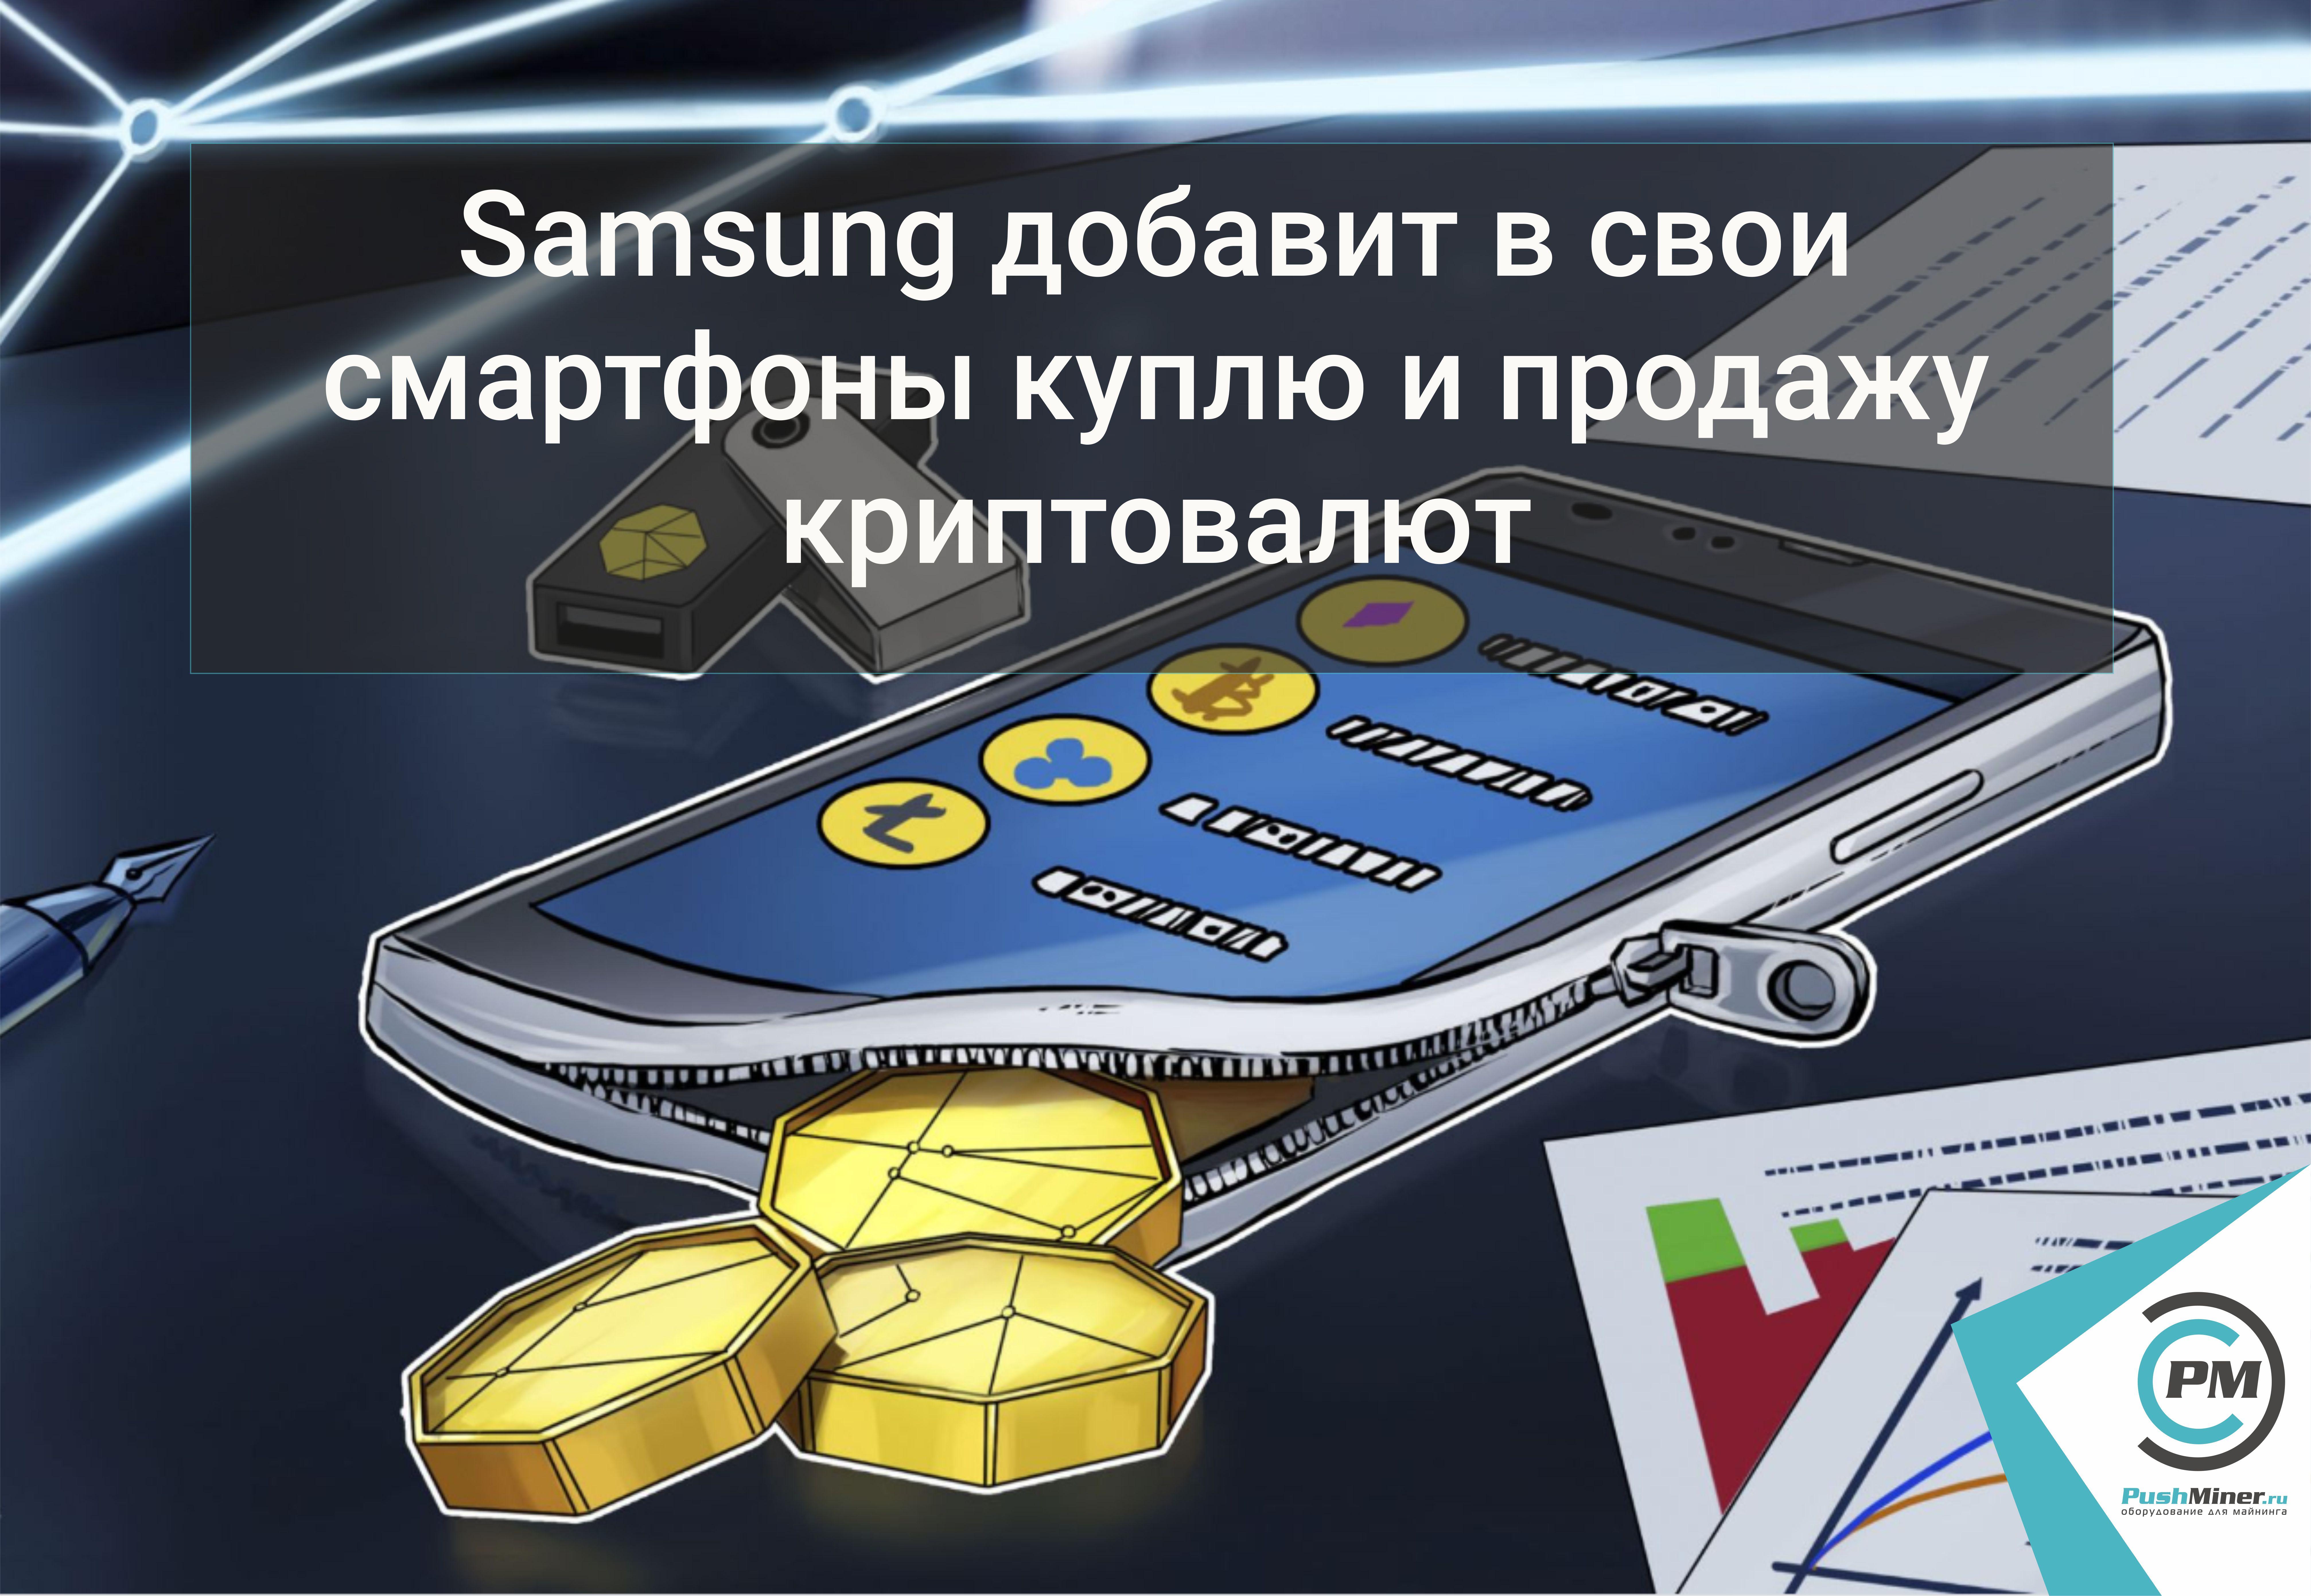 Samsung добавит в свои смартфоны куплю и продажу криптовалют